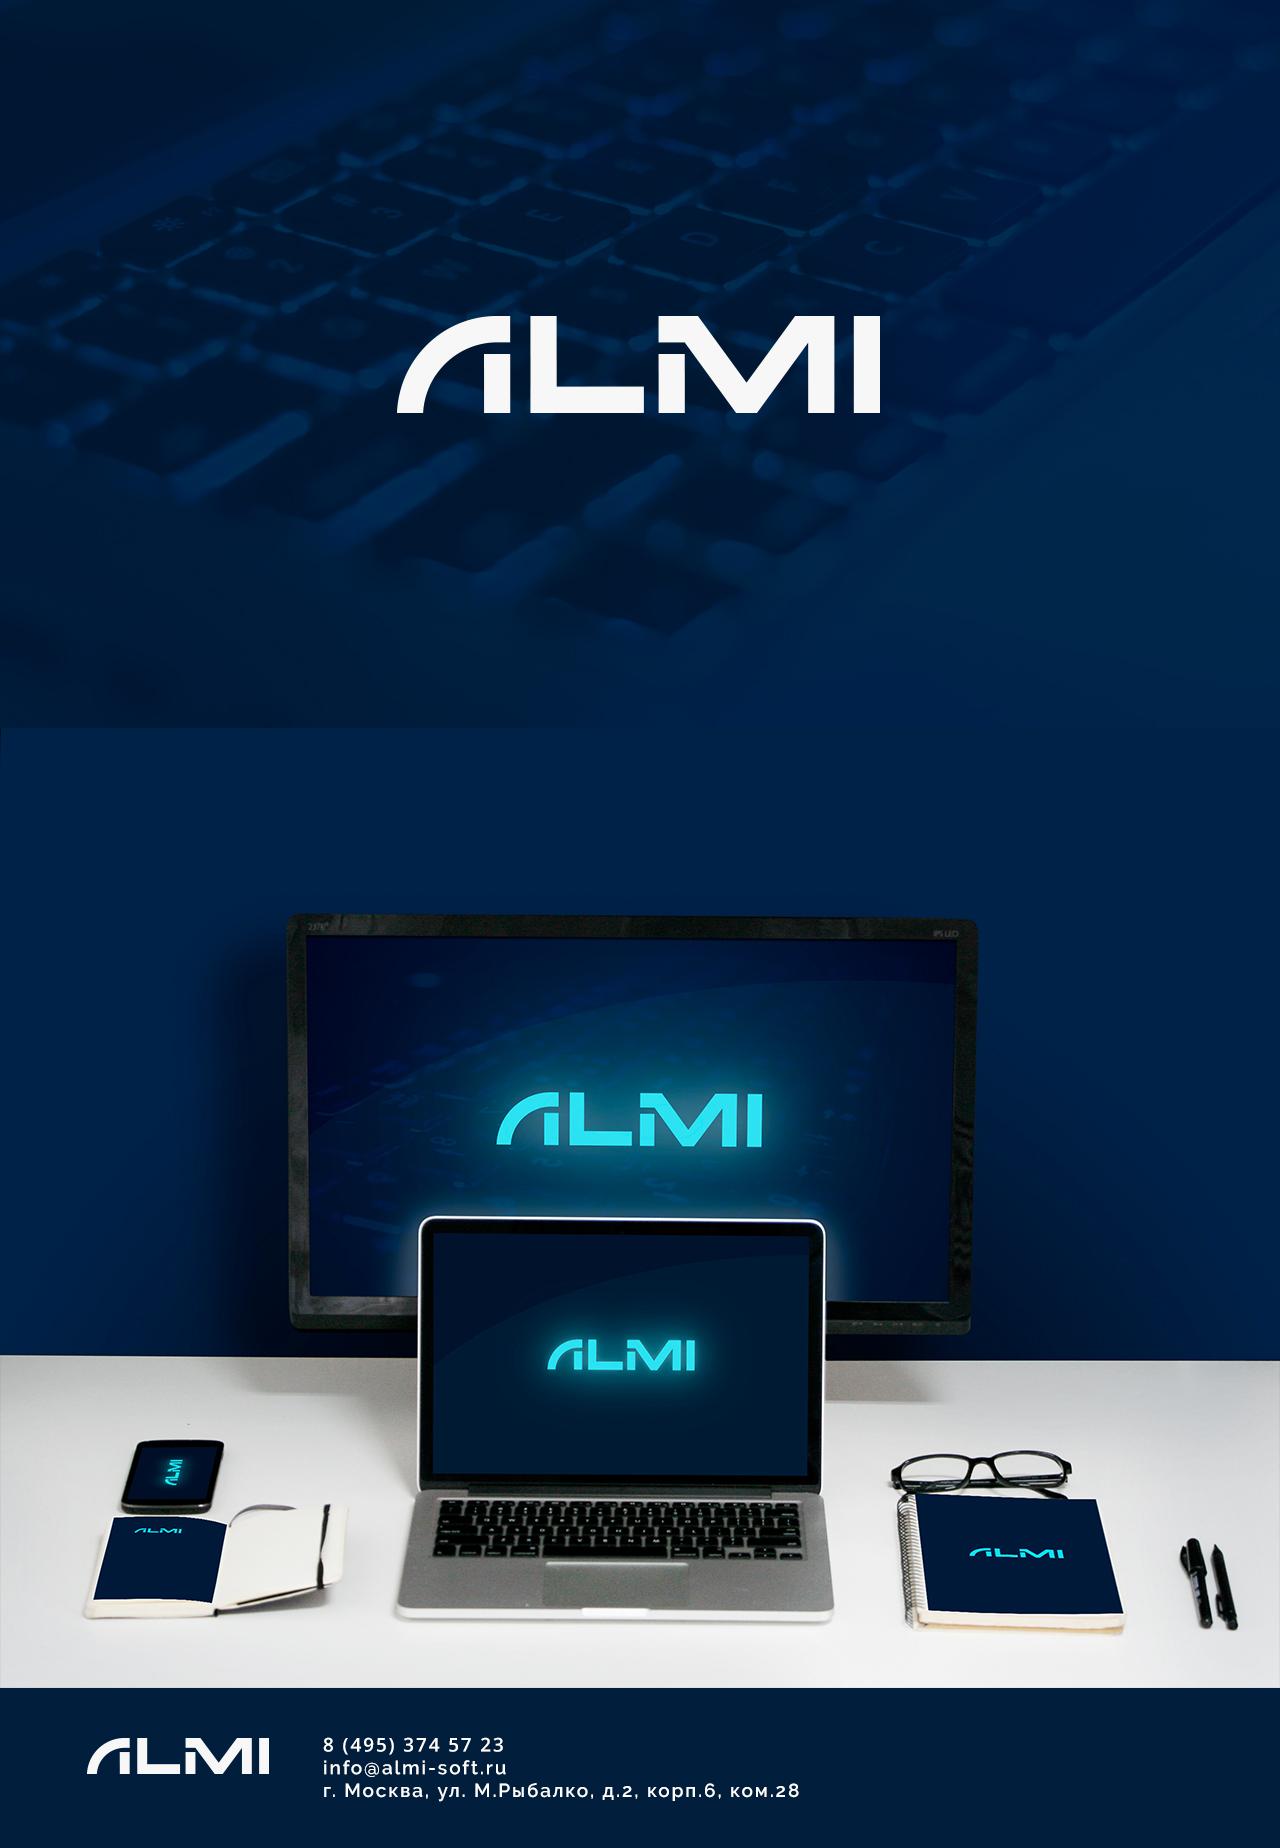 Разработка логотипа и фона фото f_221599810e180e93.jpg